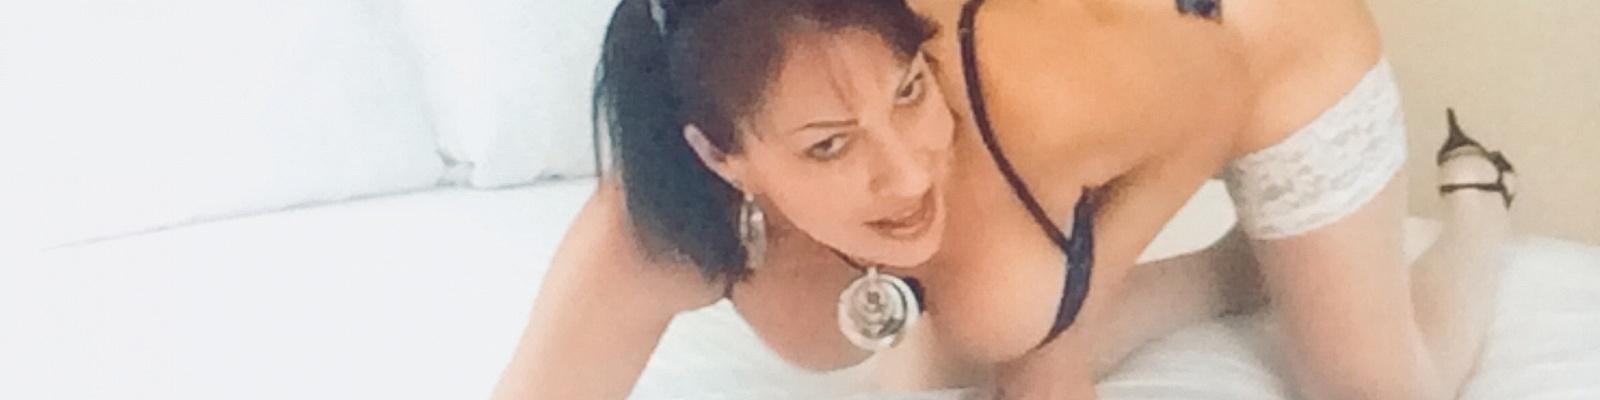 Vanessa Videl's Cover Photo